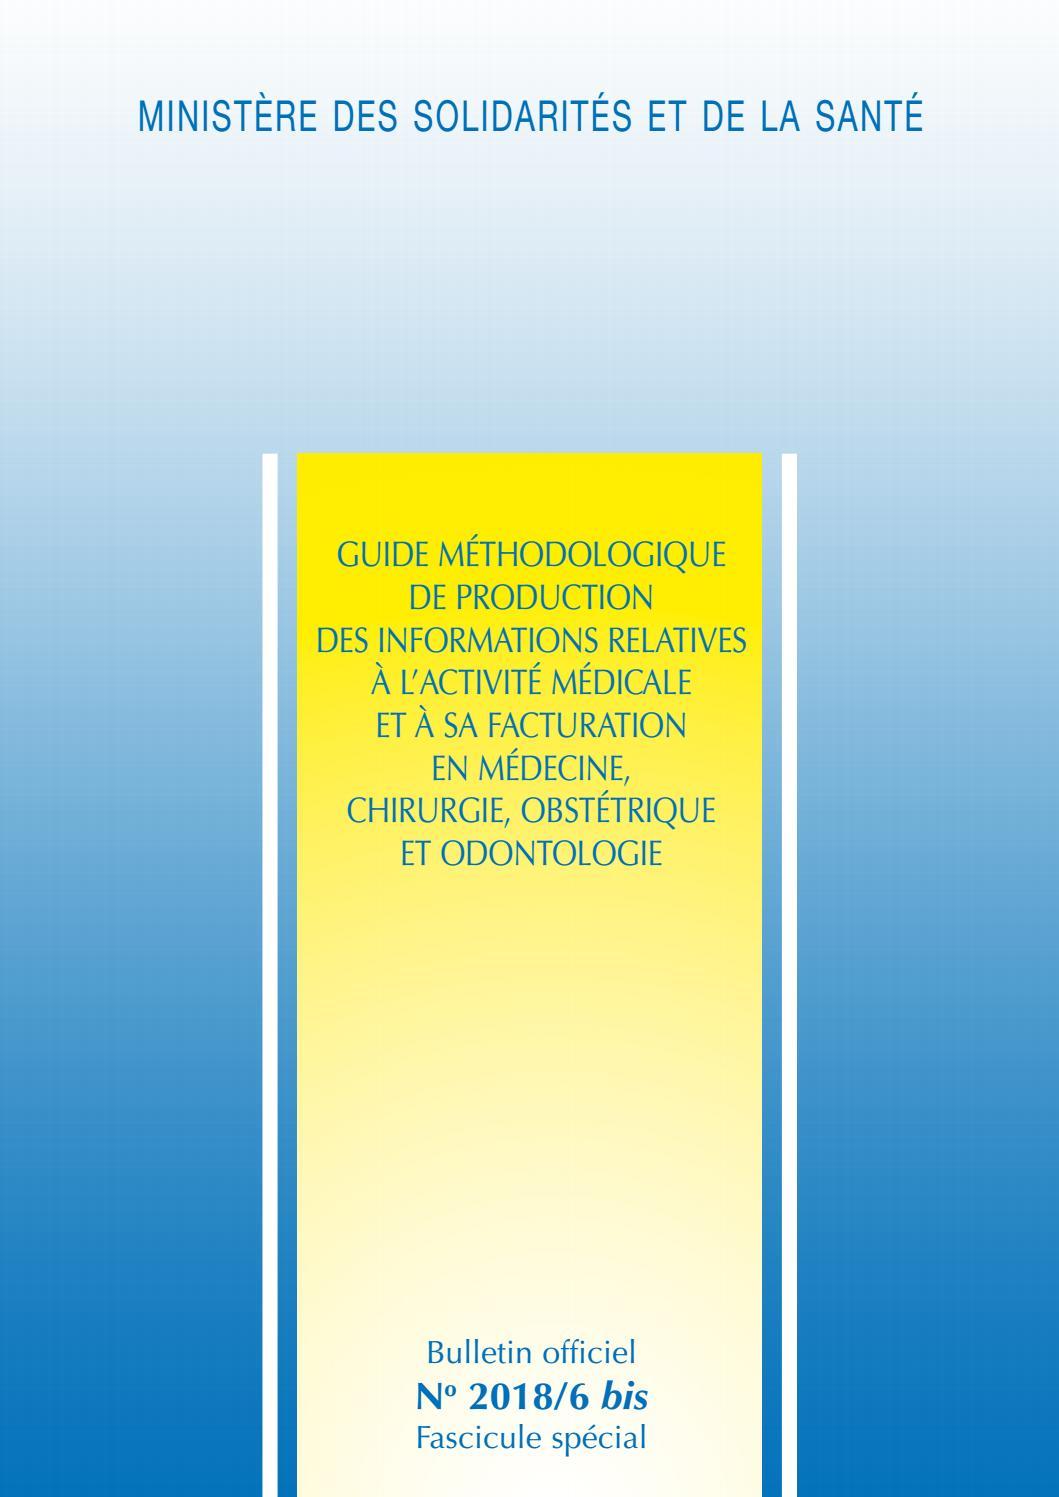 Toxine botulique cim 10 - Toxine botulique cim Varice ale numelui bazinului